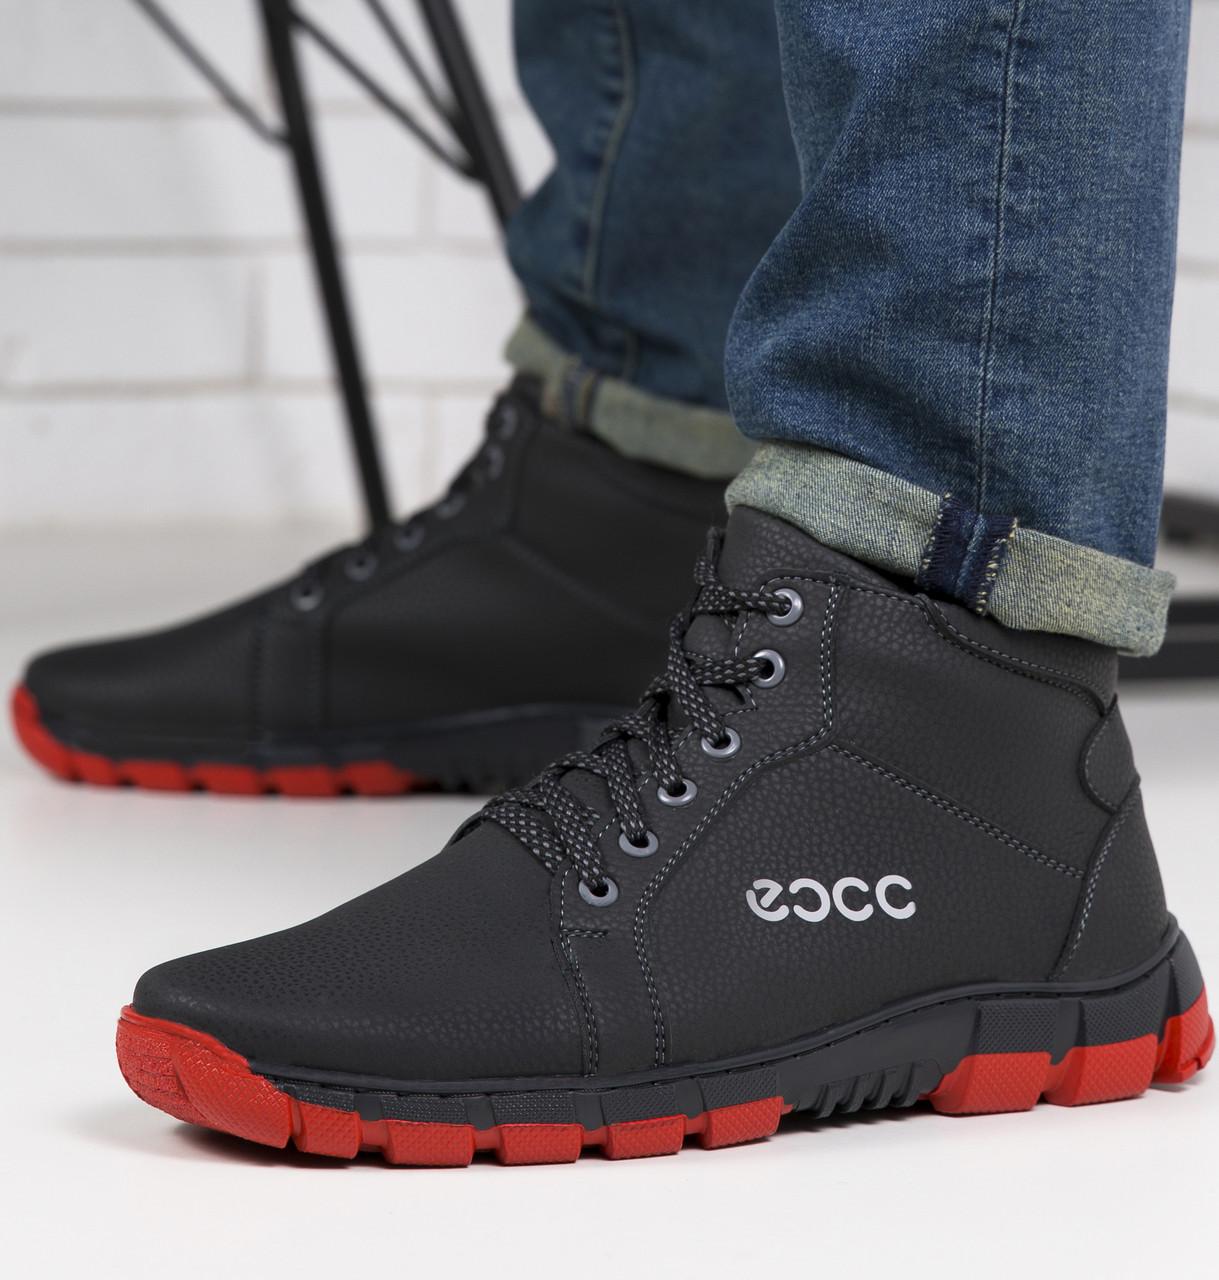 Ботинки мужские зимние с красной подошвой -20°C